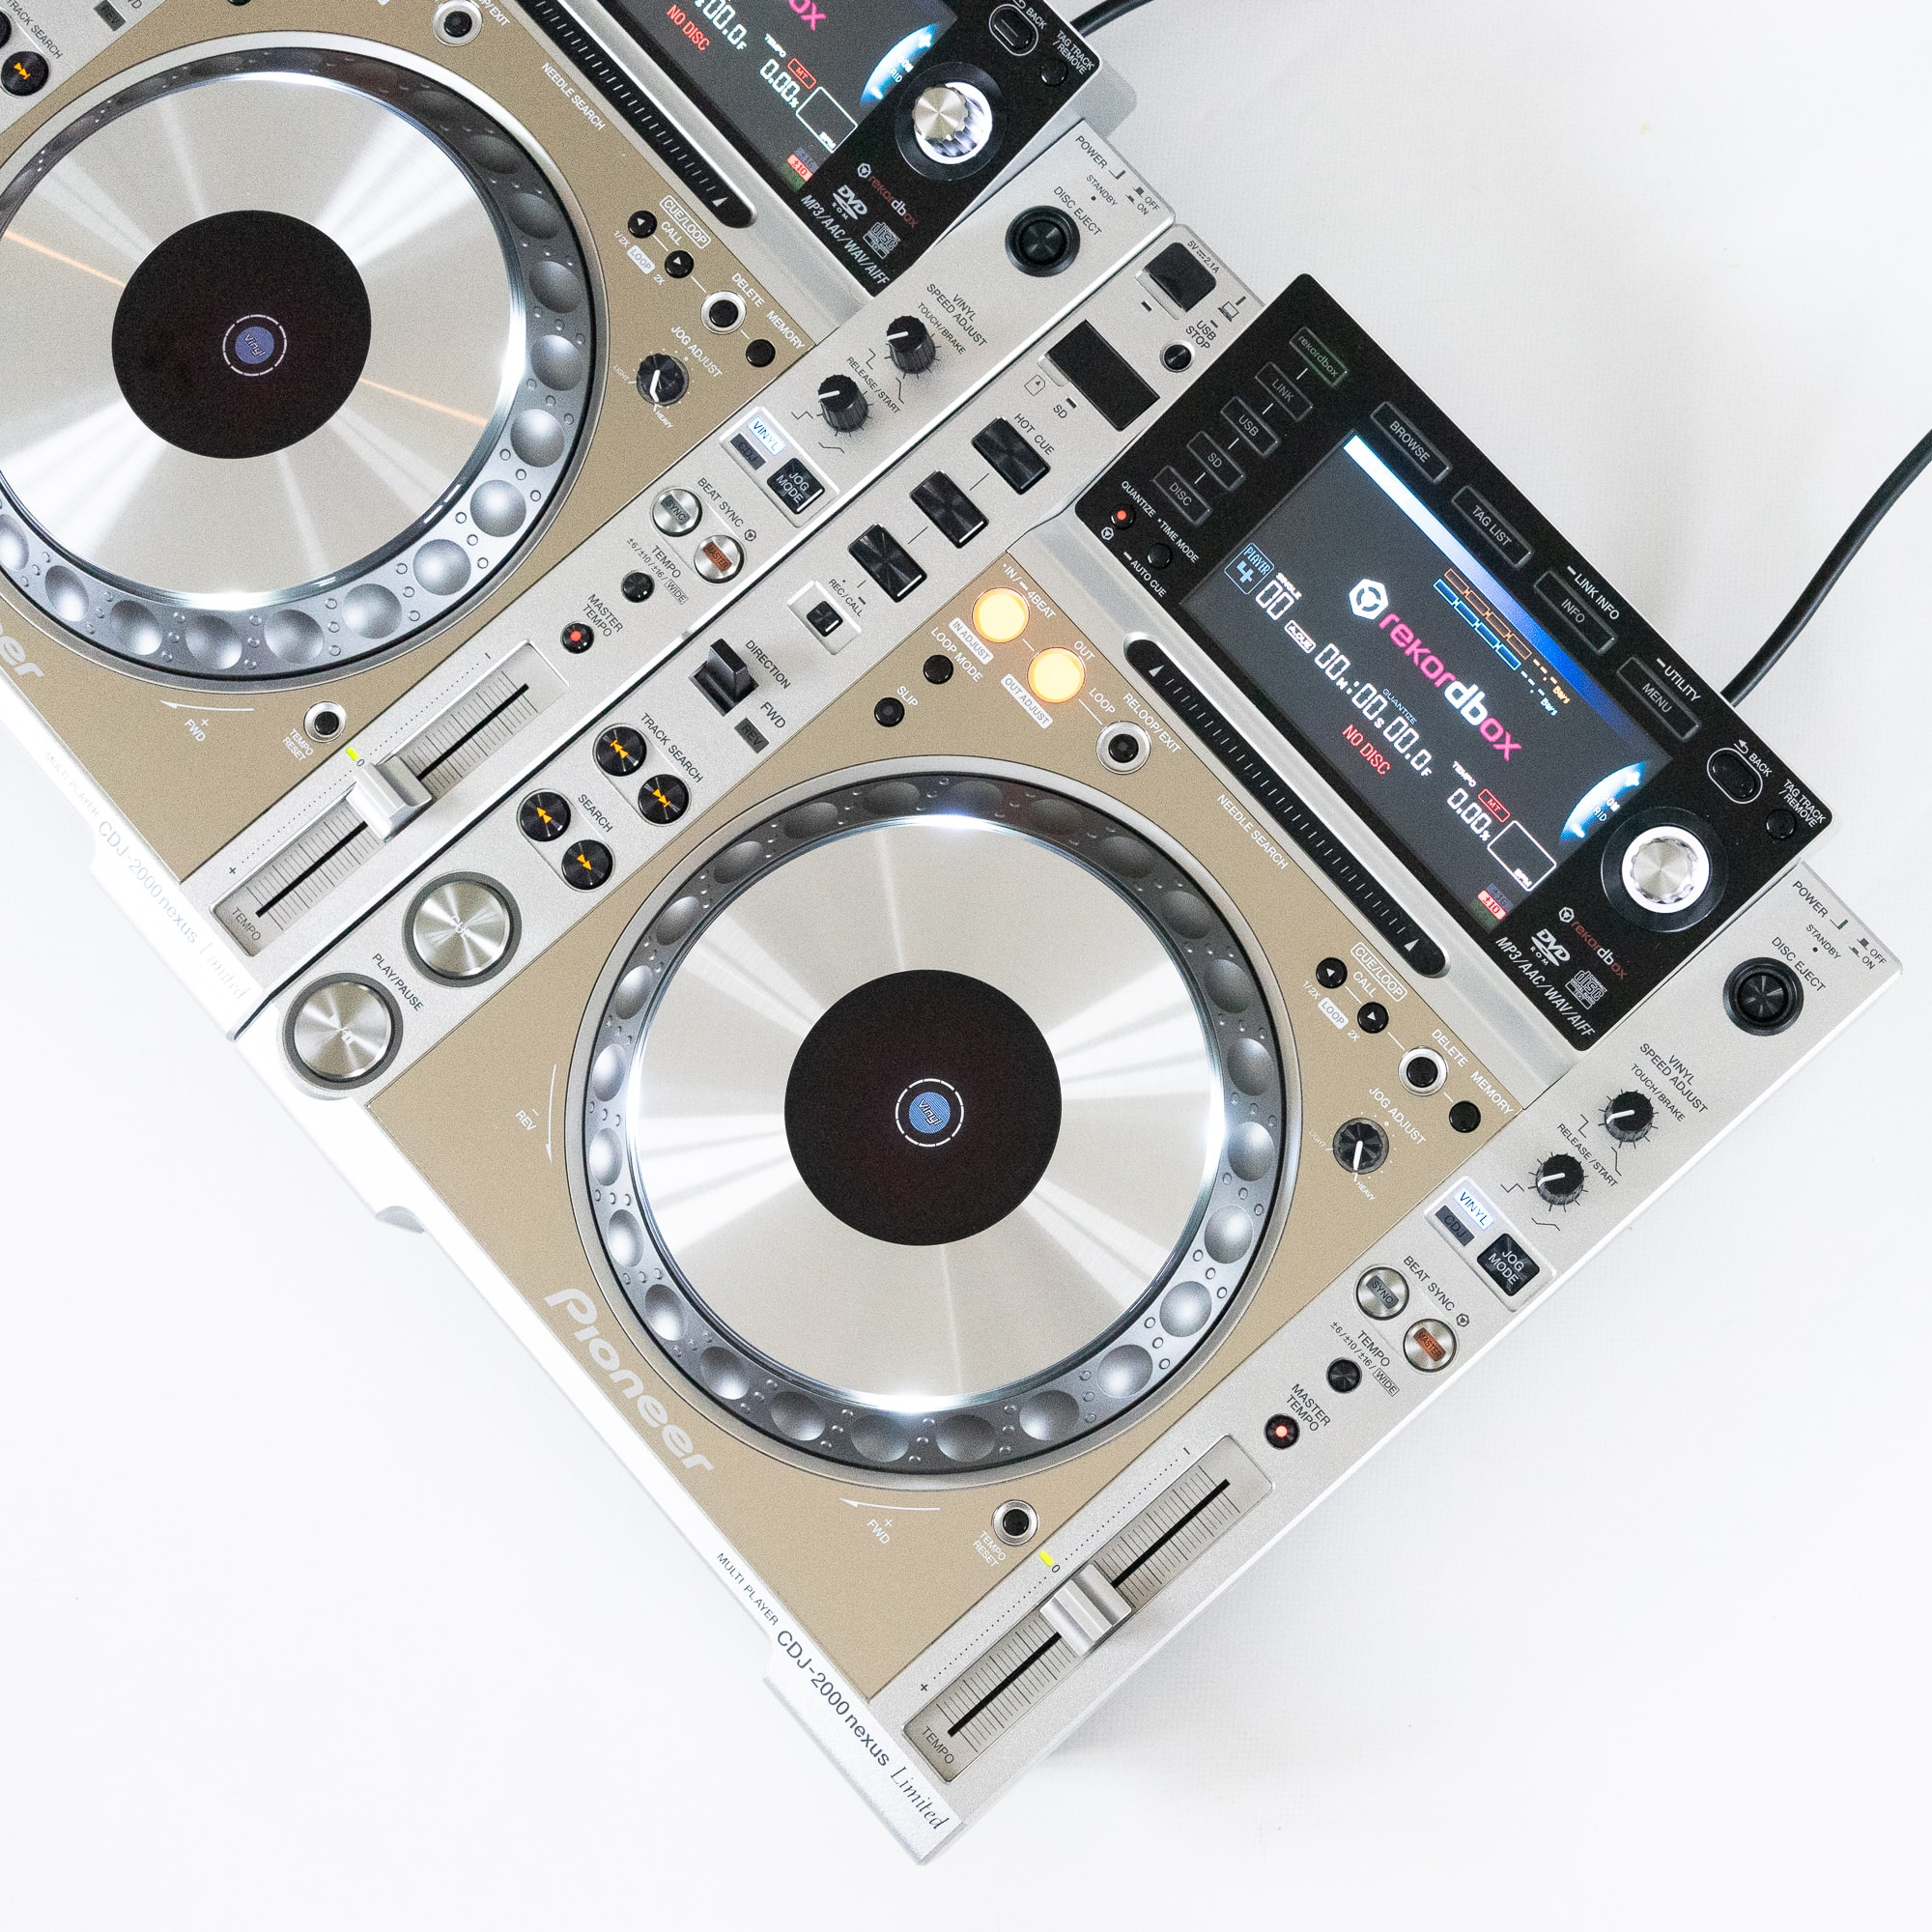 gebraucht kaufen 2er Paket: Pioneer CDJ 2000 NXS Limited Platinum